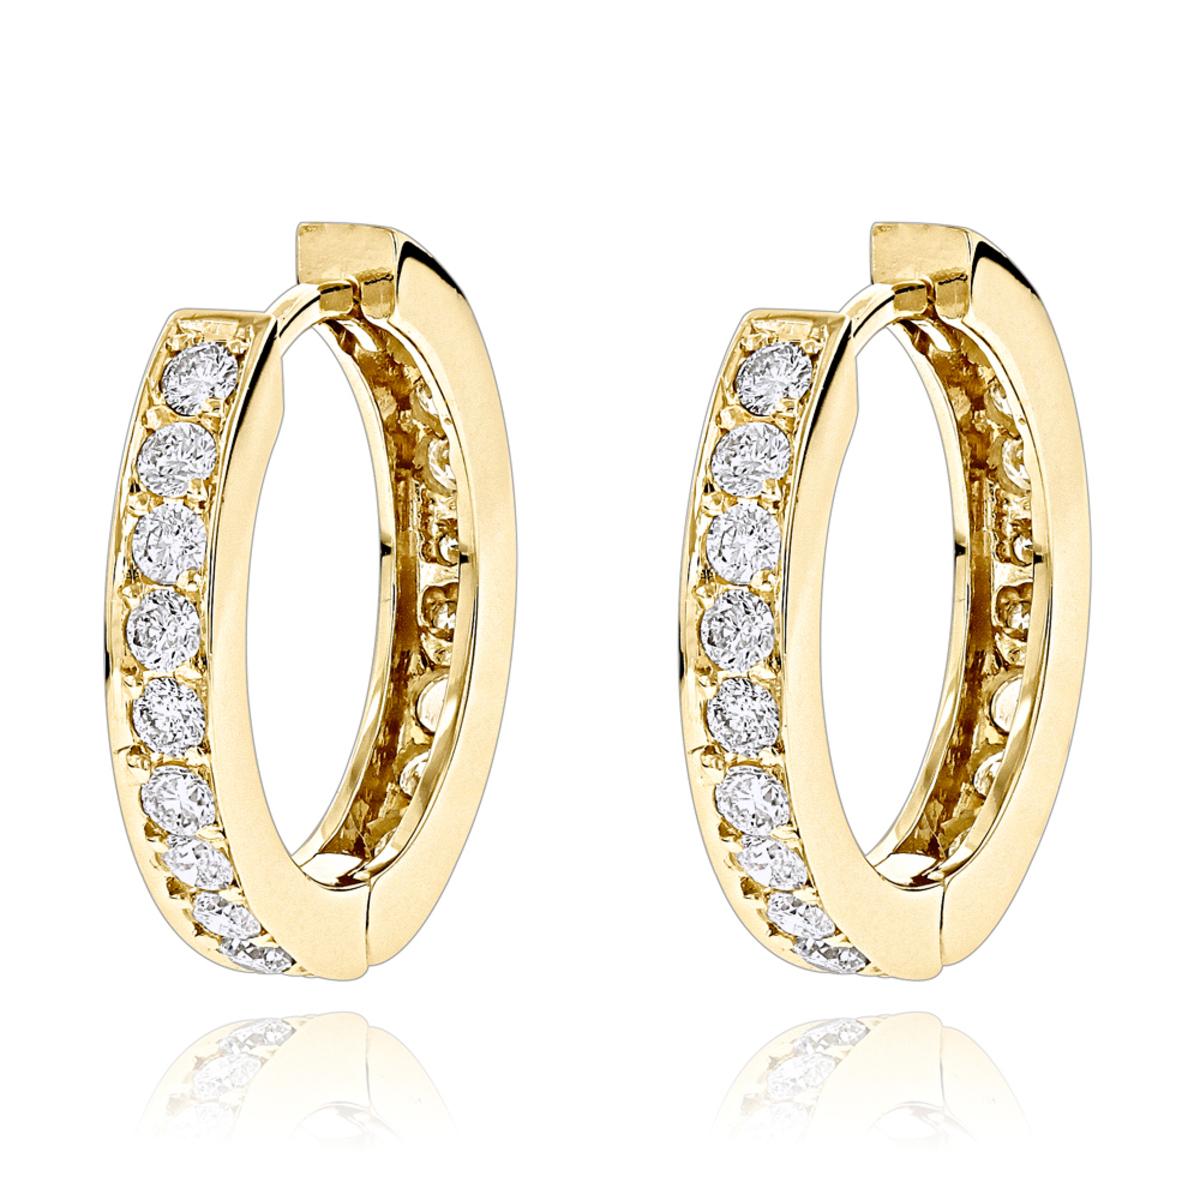 Small Hoop Earrings: 14K Gold Inside Out Diamond Huggie Earrings 1.2ct